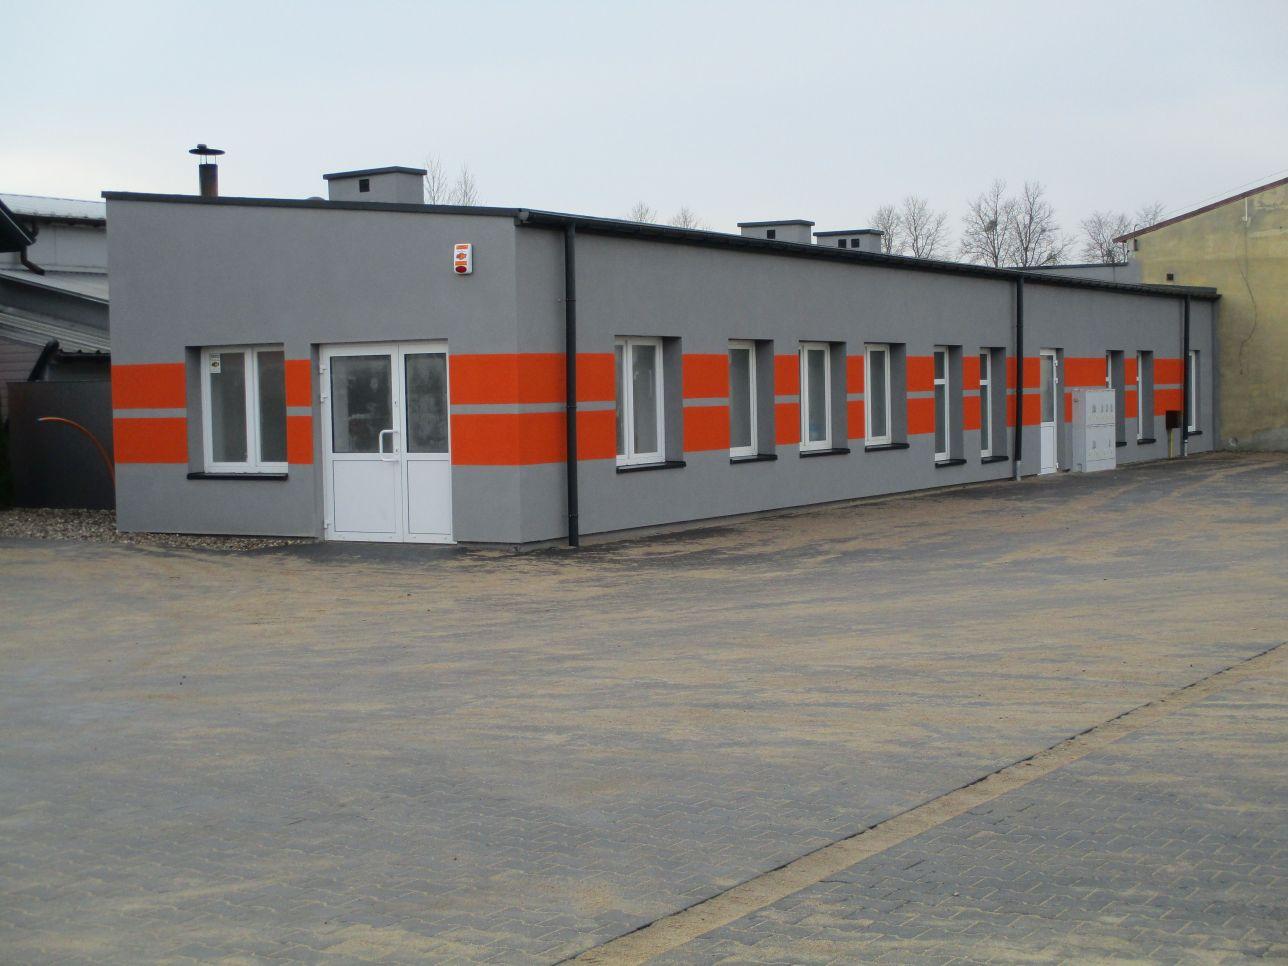 Lokal użytkowy Ostrołęka 140m2, parking 2.000zł/mc